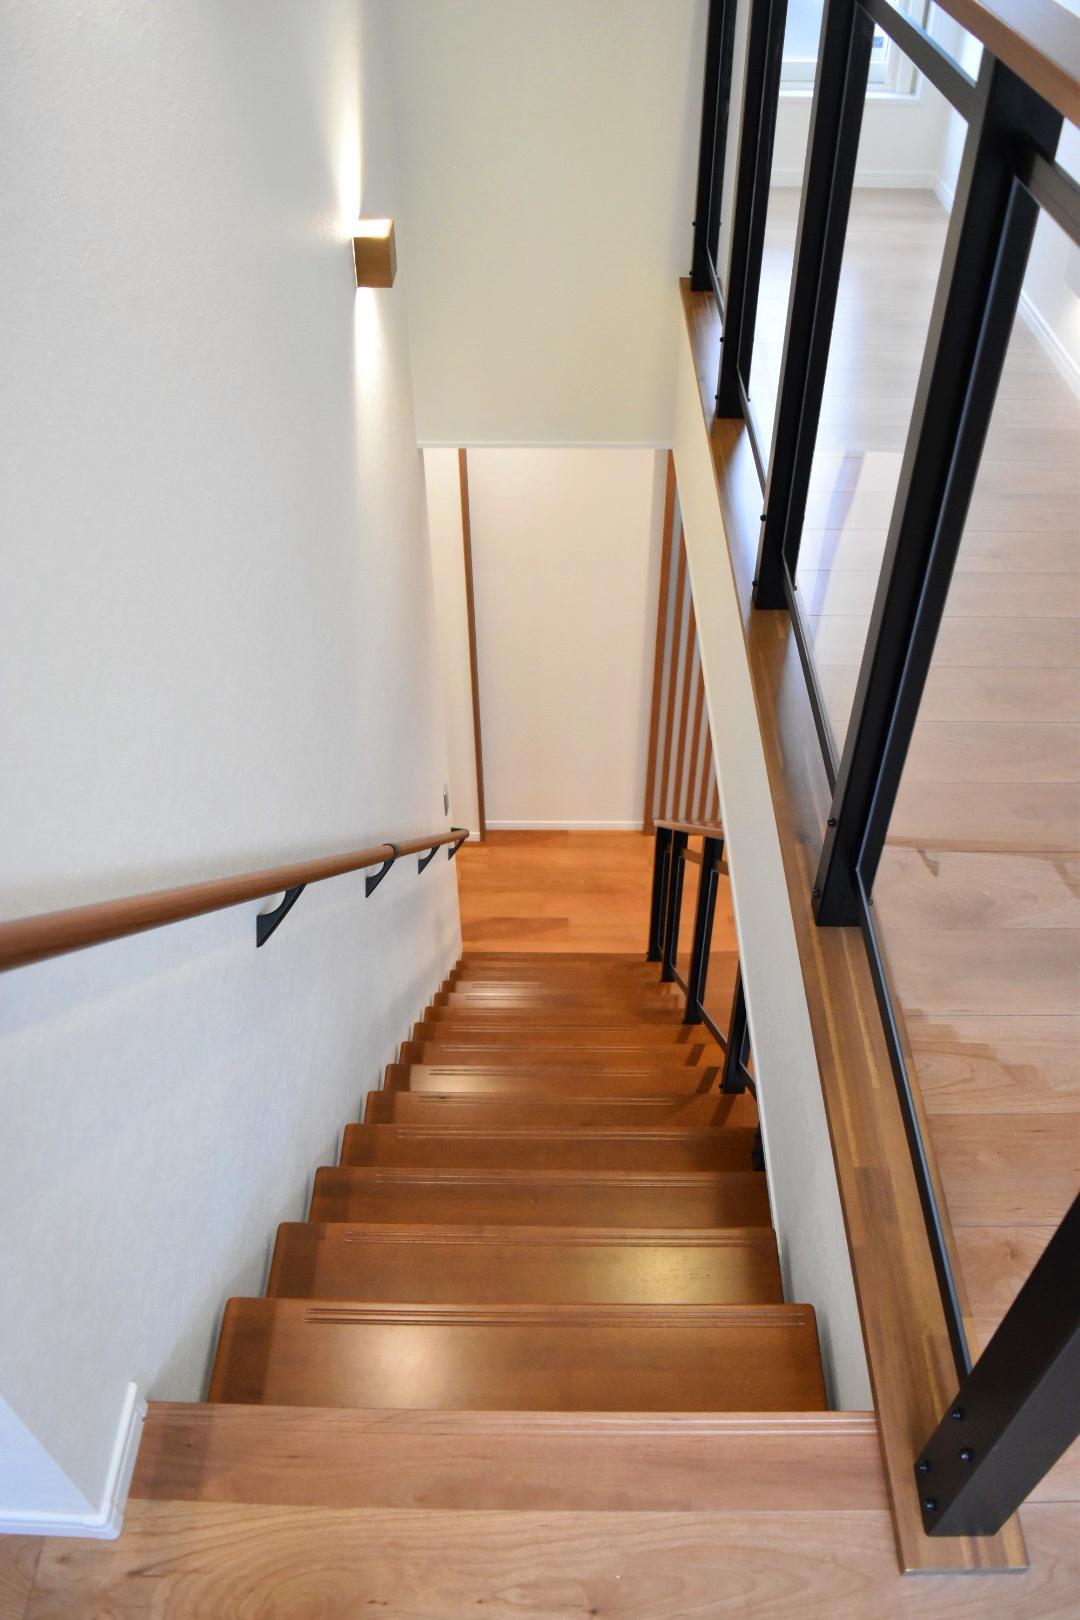 ステキな階段は登り降りが楽しくなりますね♪